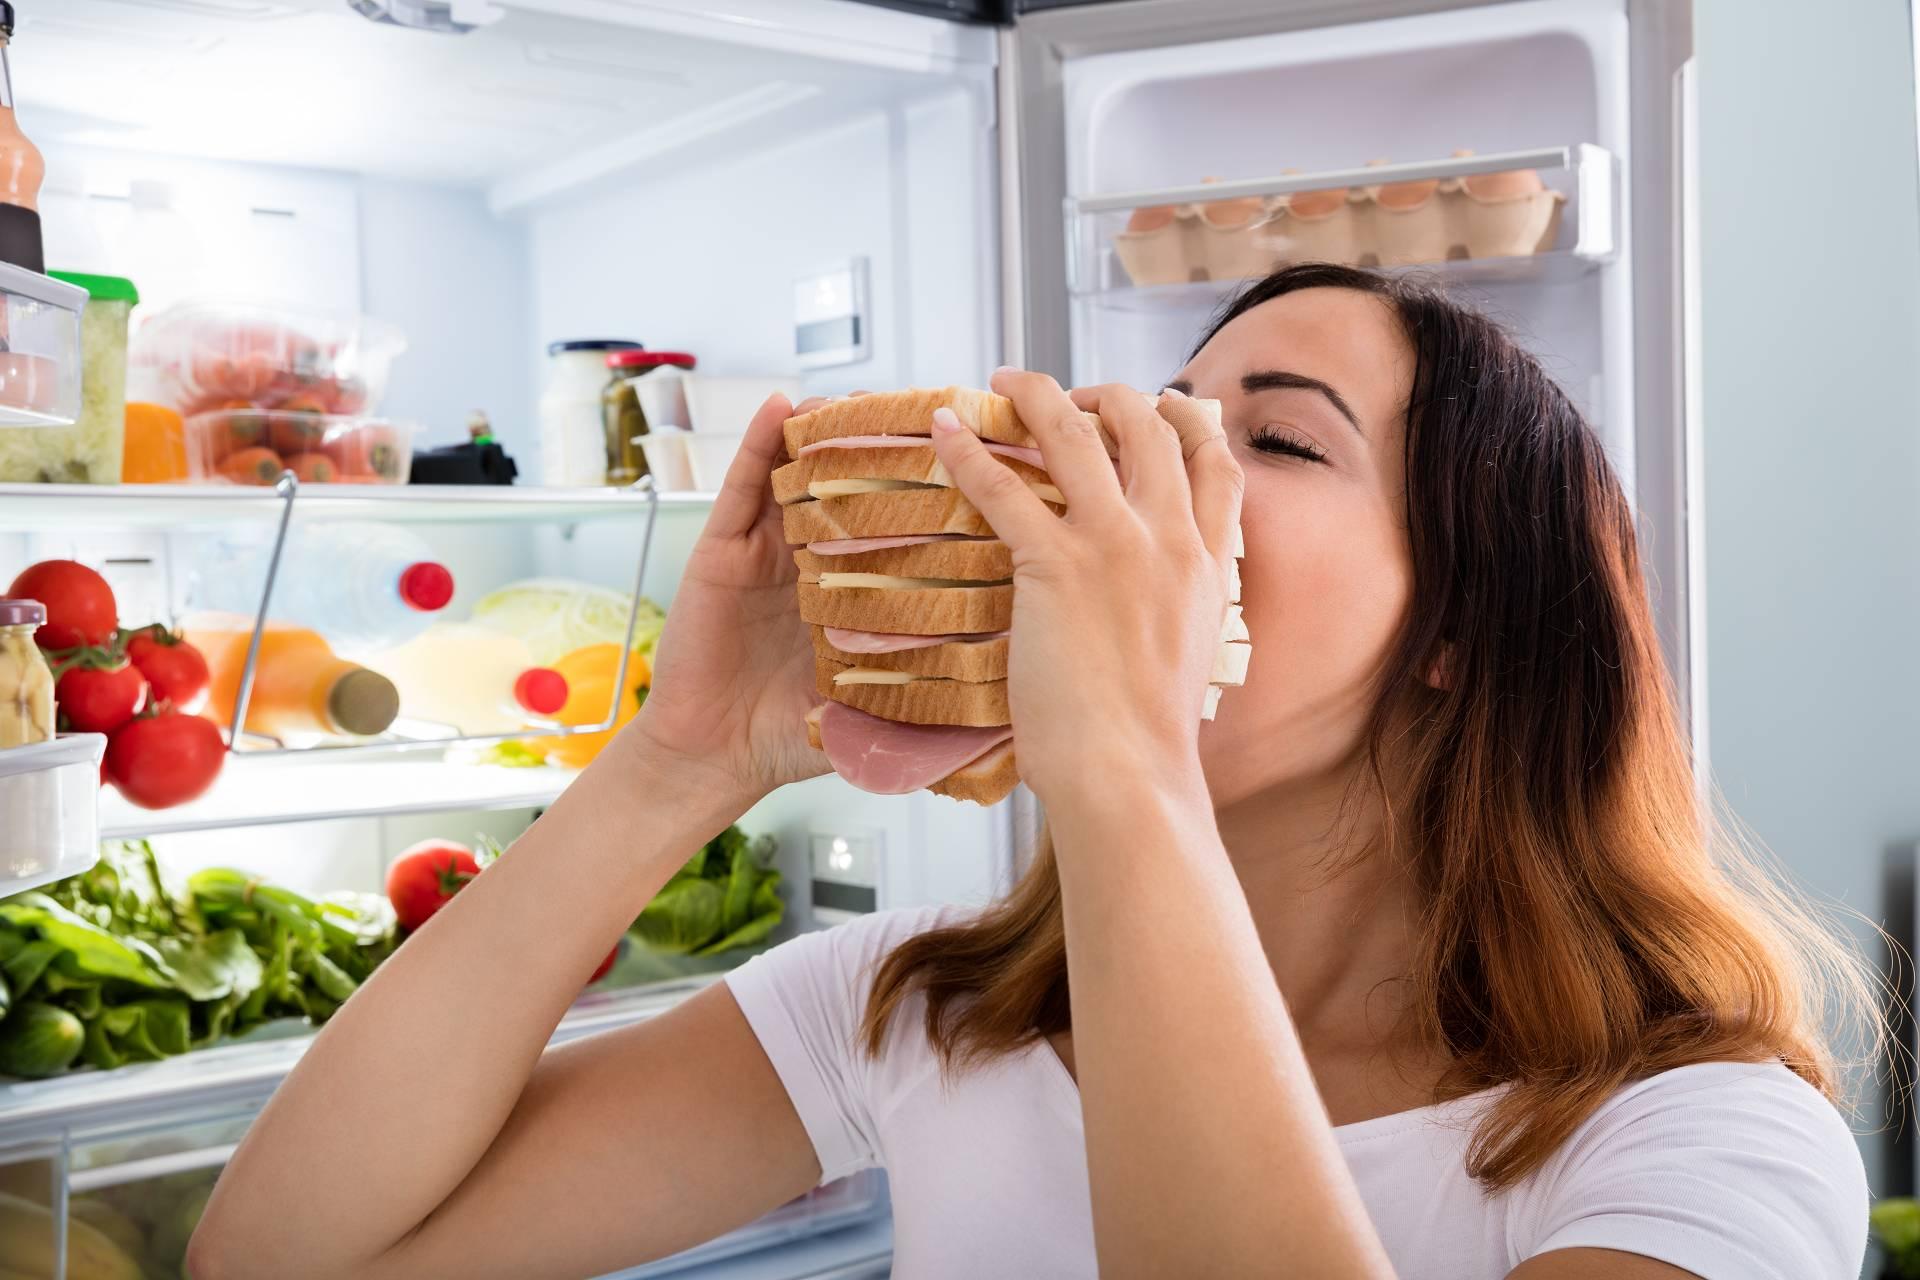 Gesunde Regulation des Appetits: Training oder Alltagsaktivität – Worauf es wirklich ankommt